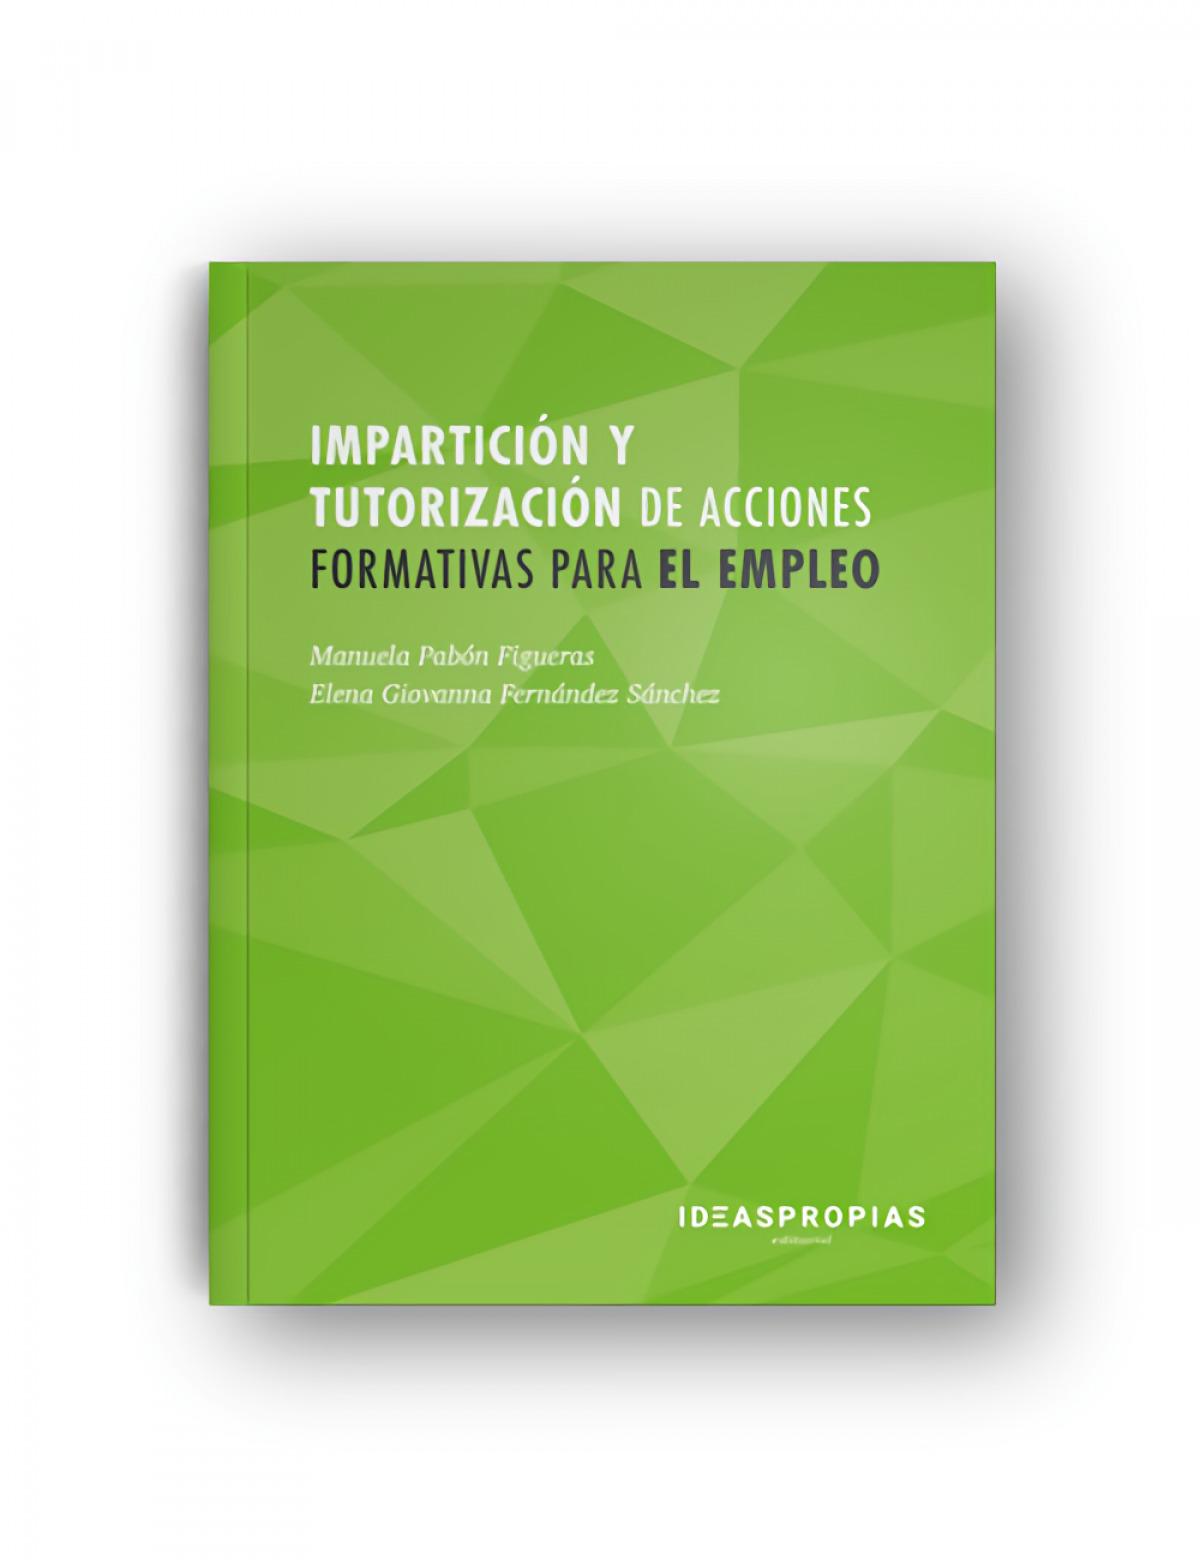 IMPARTICIÓN Y TUTORIZACIÓN DE ACCIONES FORMATIVAS PARA EL EMPLEO